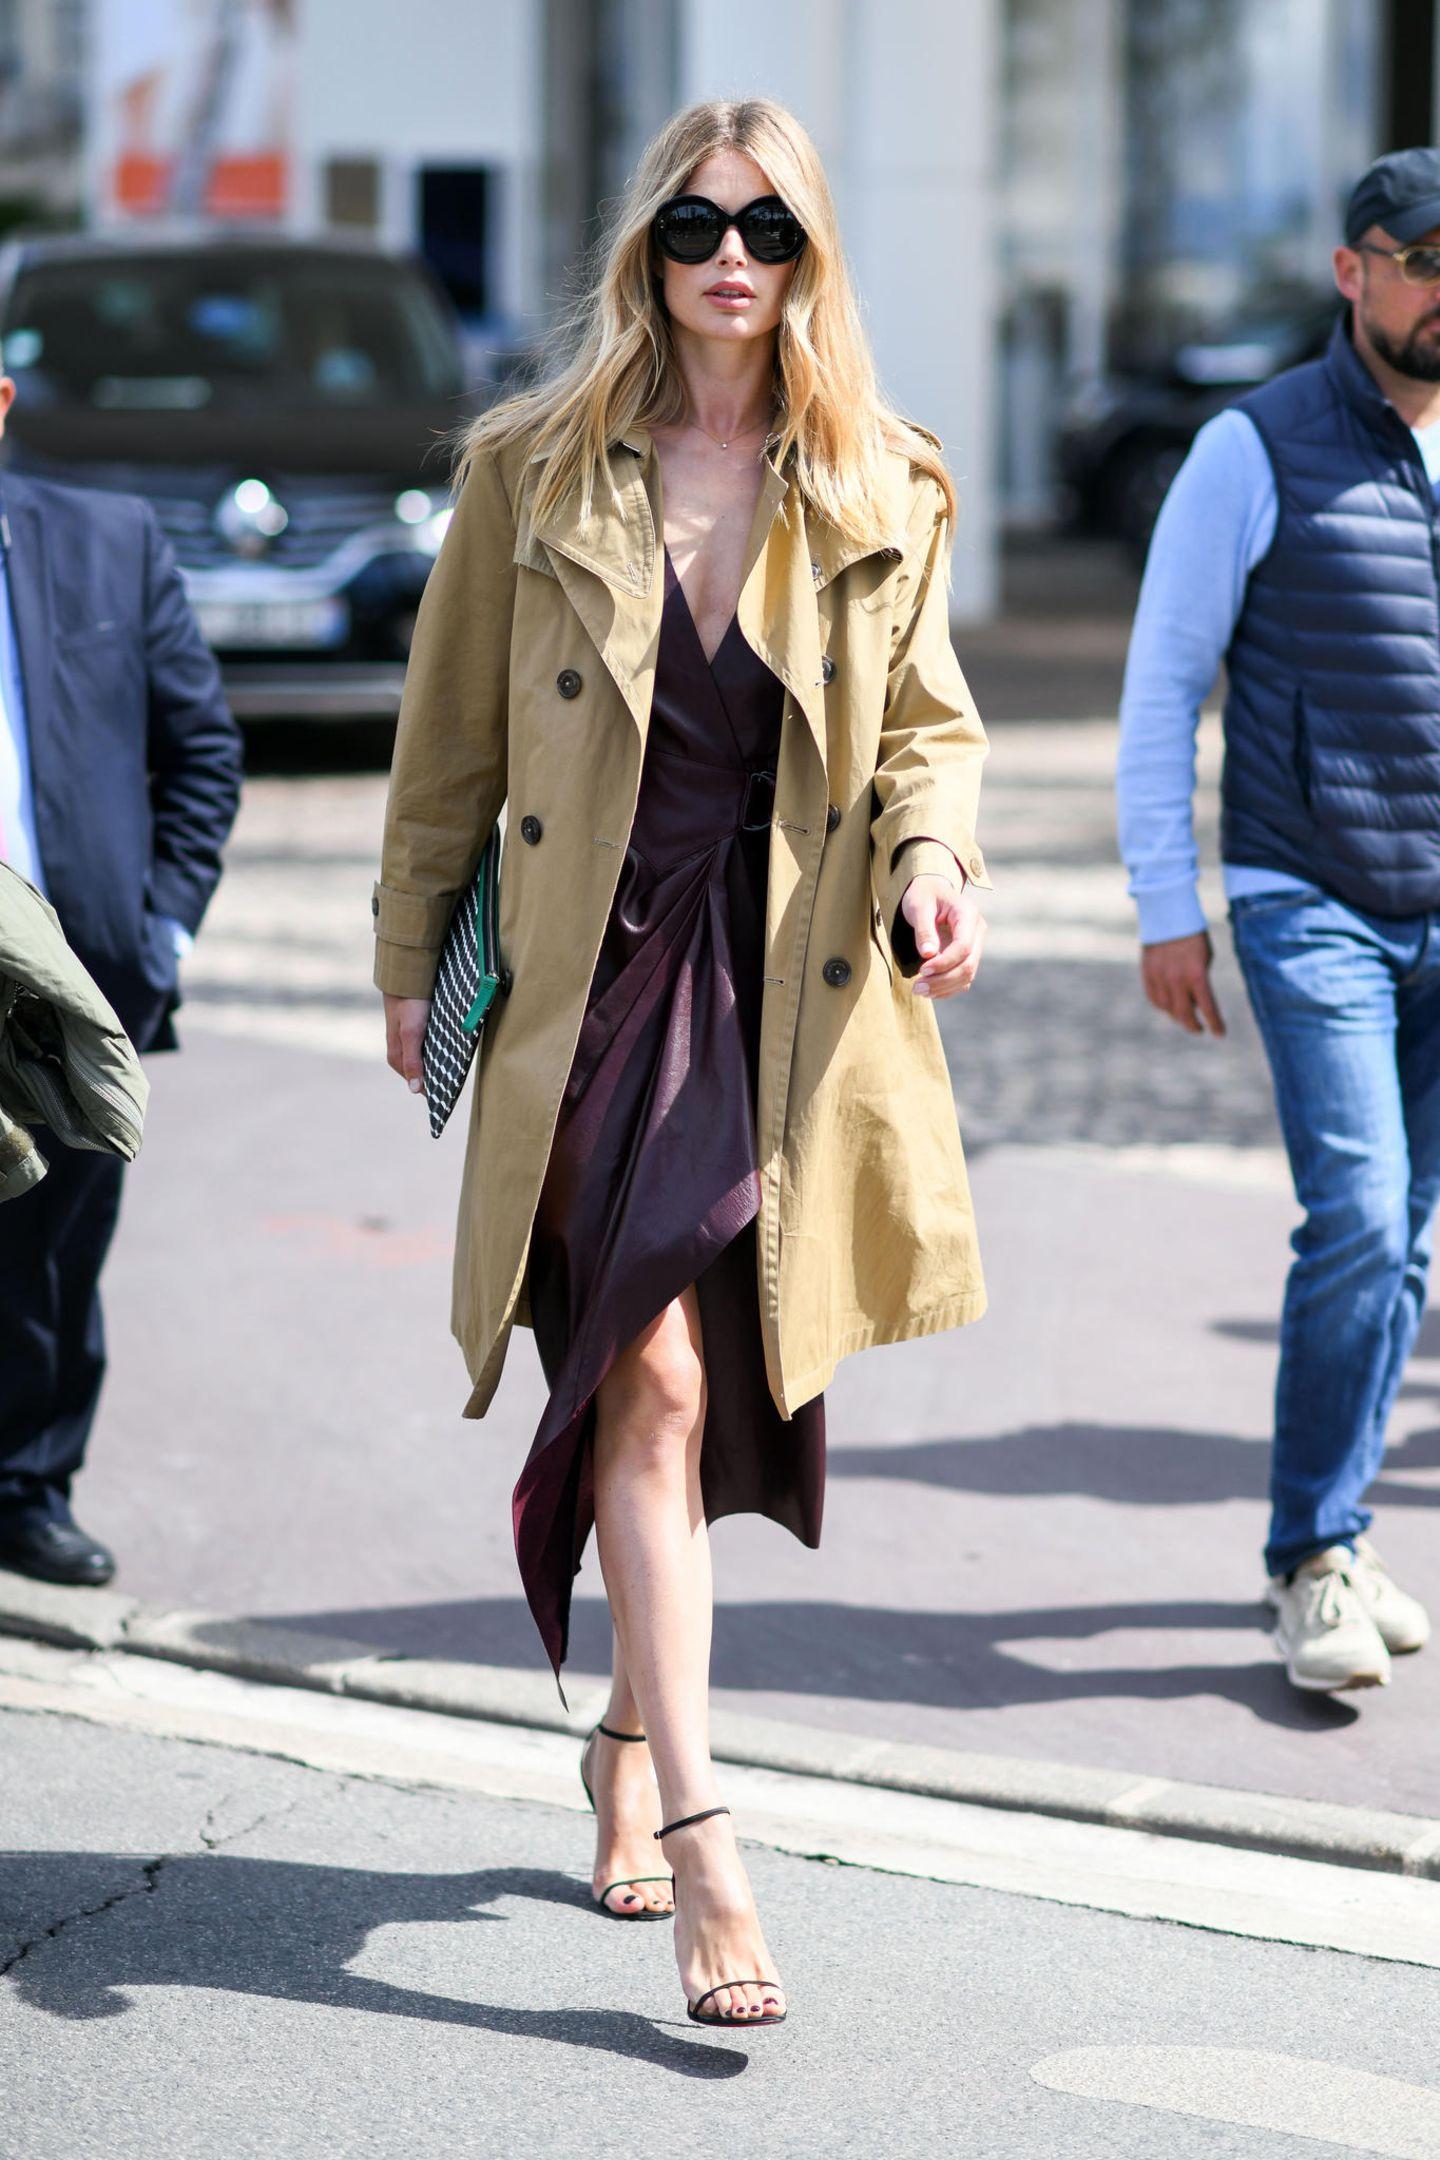 Doutzen Kroes verzichtet auch fernab des roten Teppichs nicht auf schicke High Heels und kombiniert sie zu einem Lederkleid in edlem Burgund, als sie durch Cannes Straßen spaziert. Ein beigefarbener Trenchcoat und eine schwarze, große Sonnenbrille runden den Look der 34-Jährigen perfekt ab.